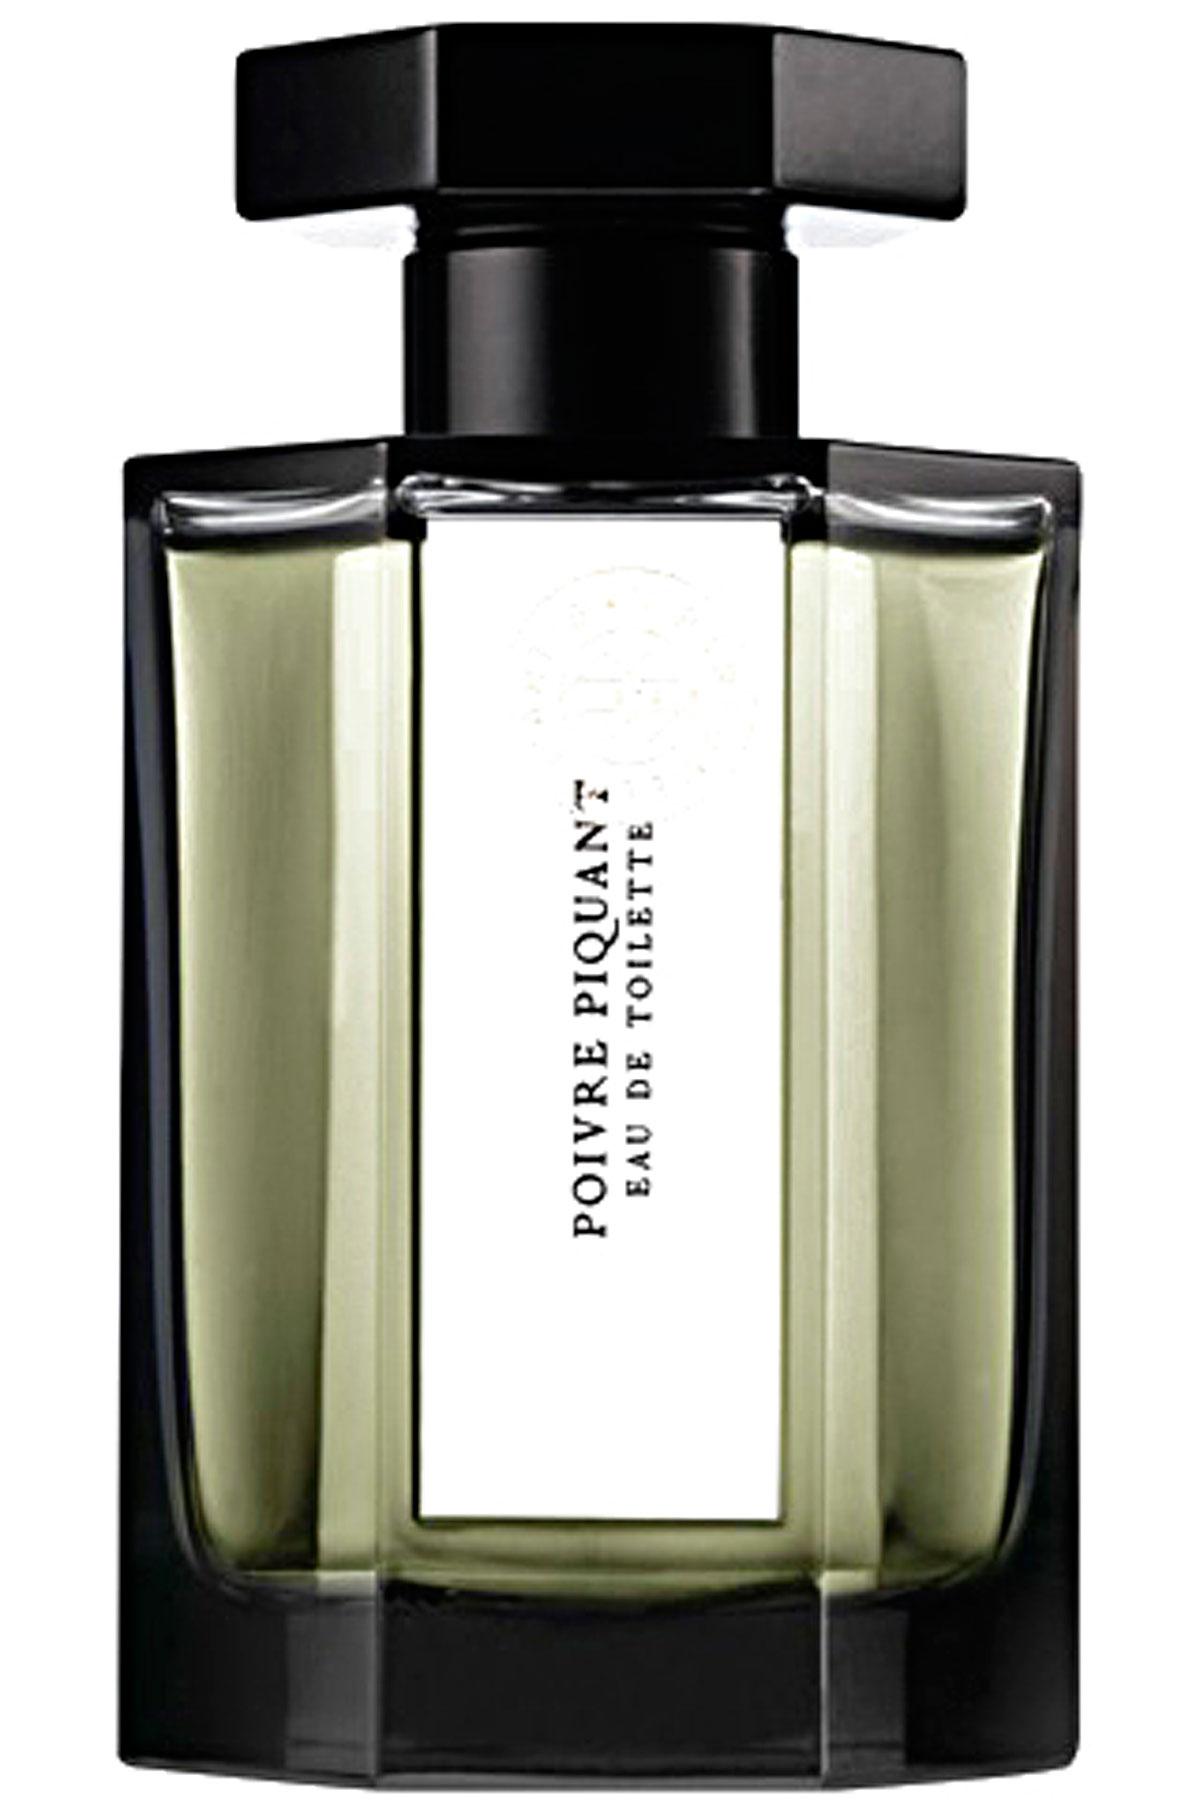 Artisan Parfumeur Fragrances for Men, Poivre Piquant - Eau De Toilette - 100 Ml, 2019, 100 ml